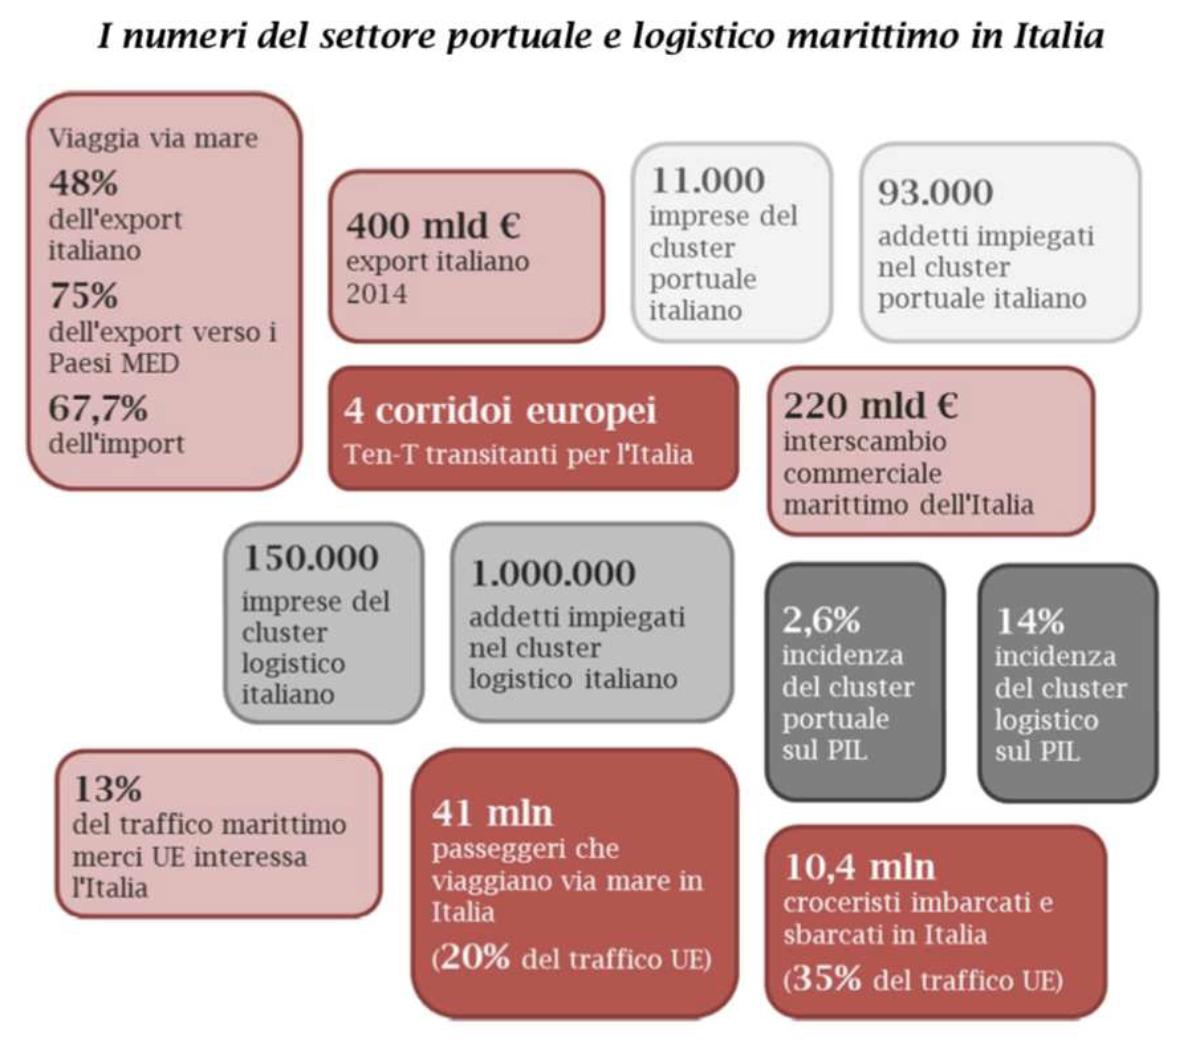 i numeri del settore portuale e logistico marittimo in italia